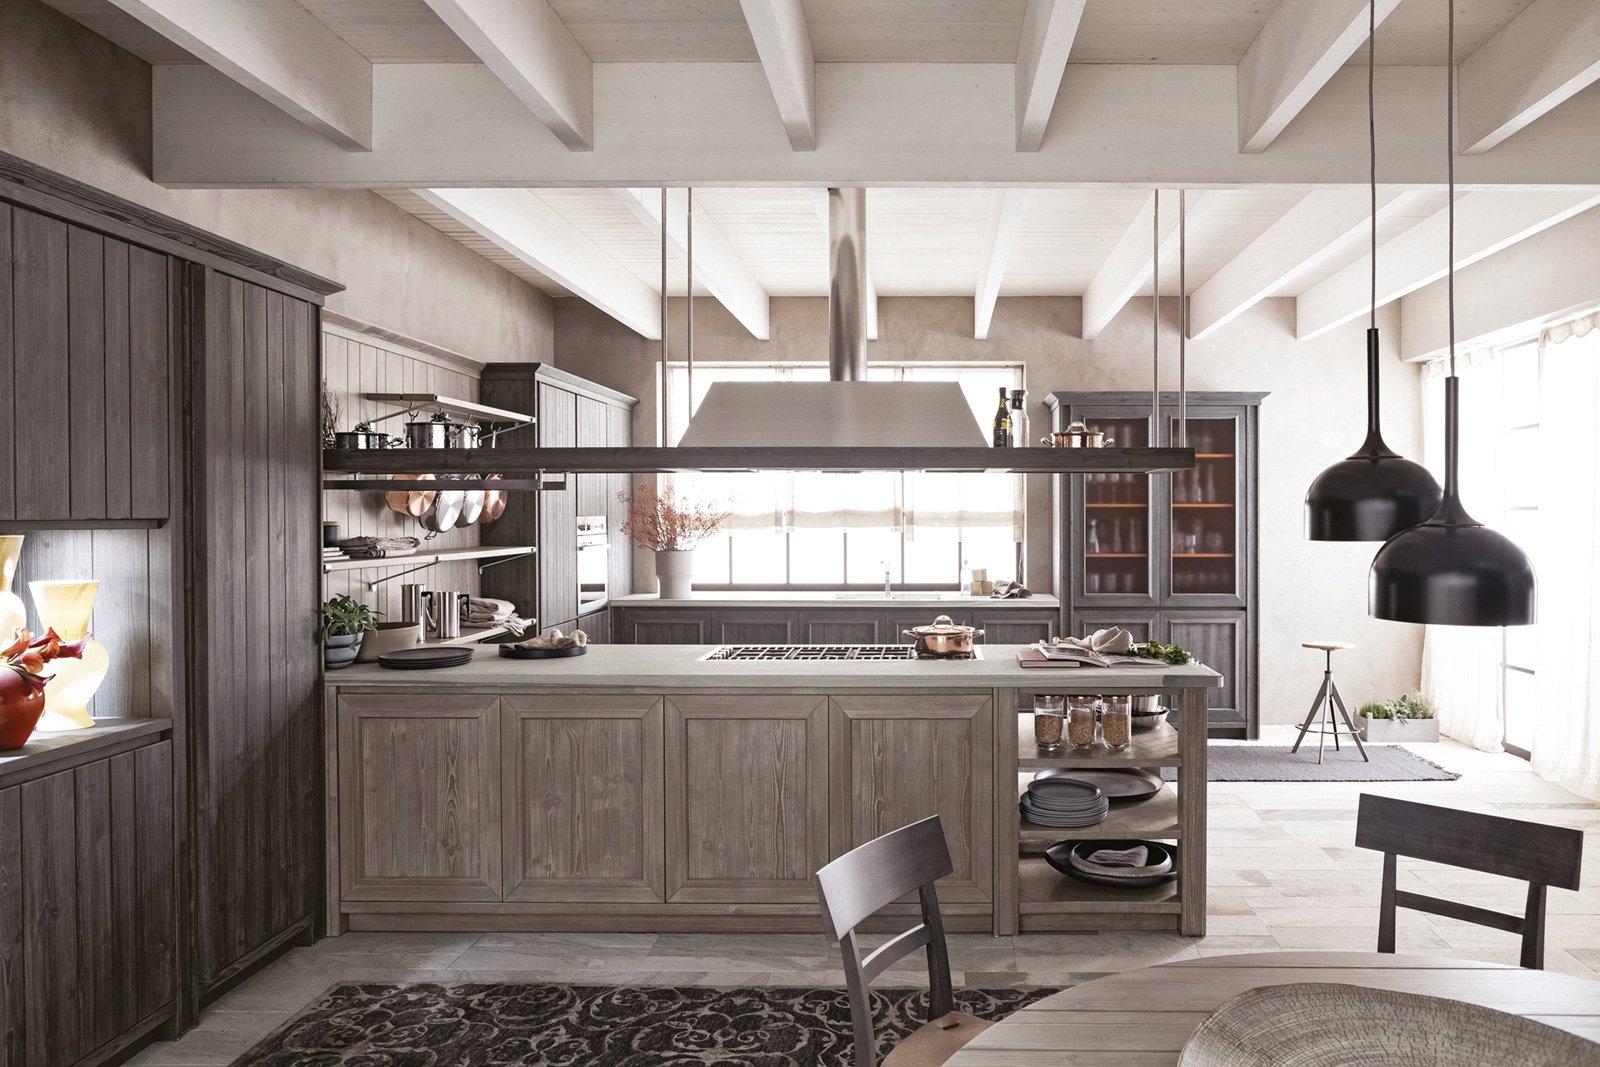 Cucine con penisola grande per separare contenere pranzare cose di casa - Cucine a penisola ...